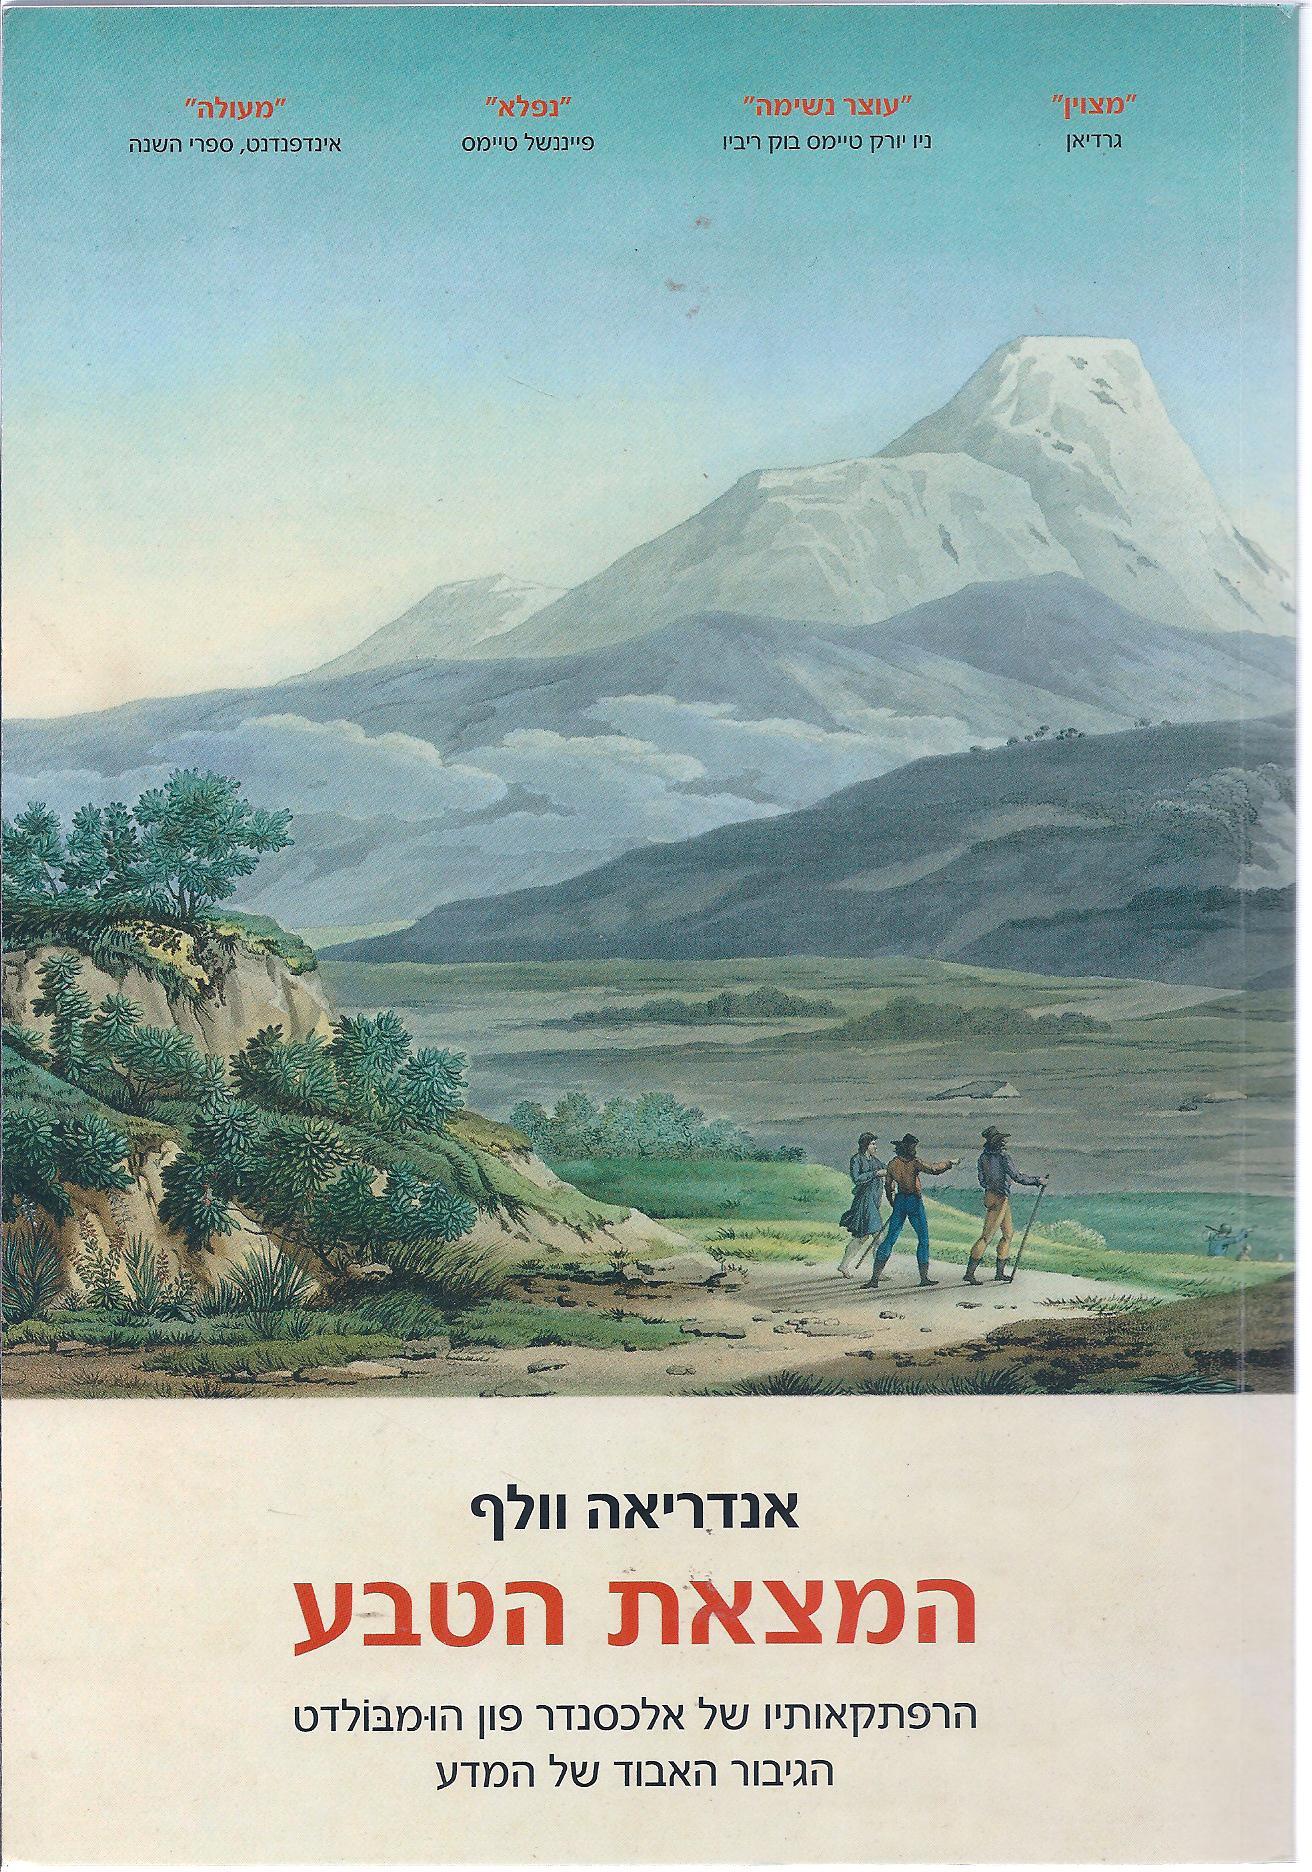 המצאת הטבע : הרפתקאותיו של אלכסנדר פון הומבולדט הגיבור האבוד של המדע